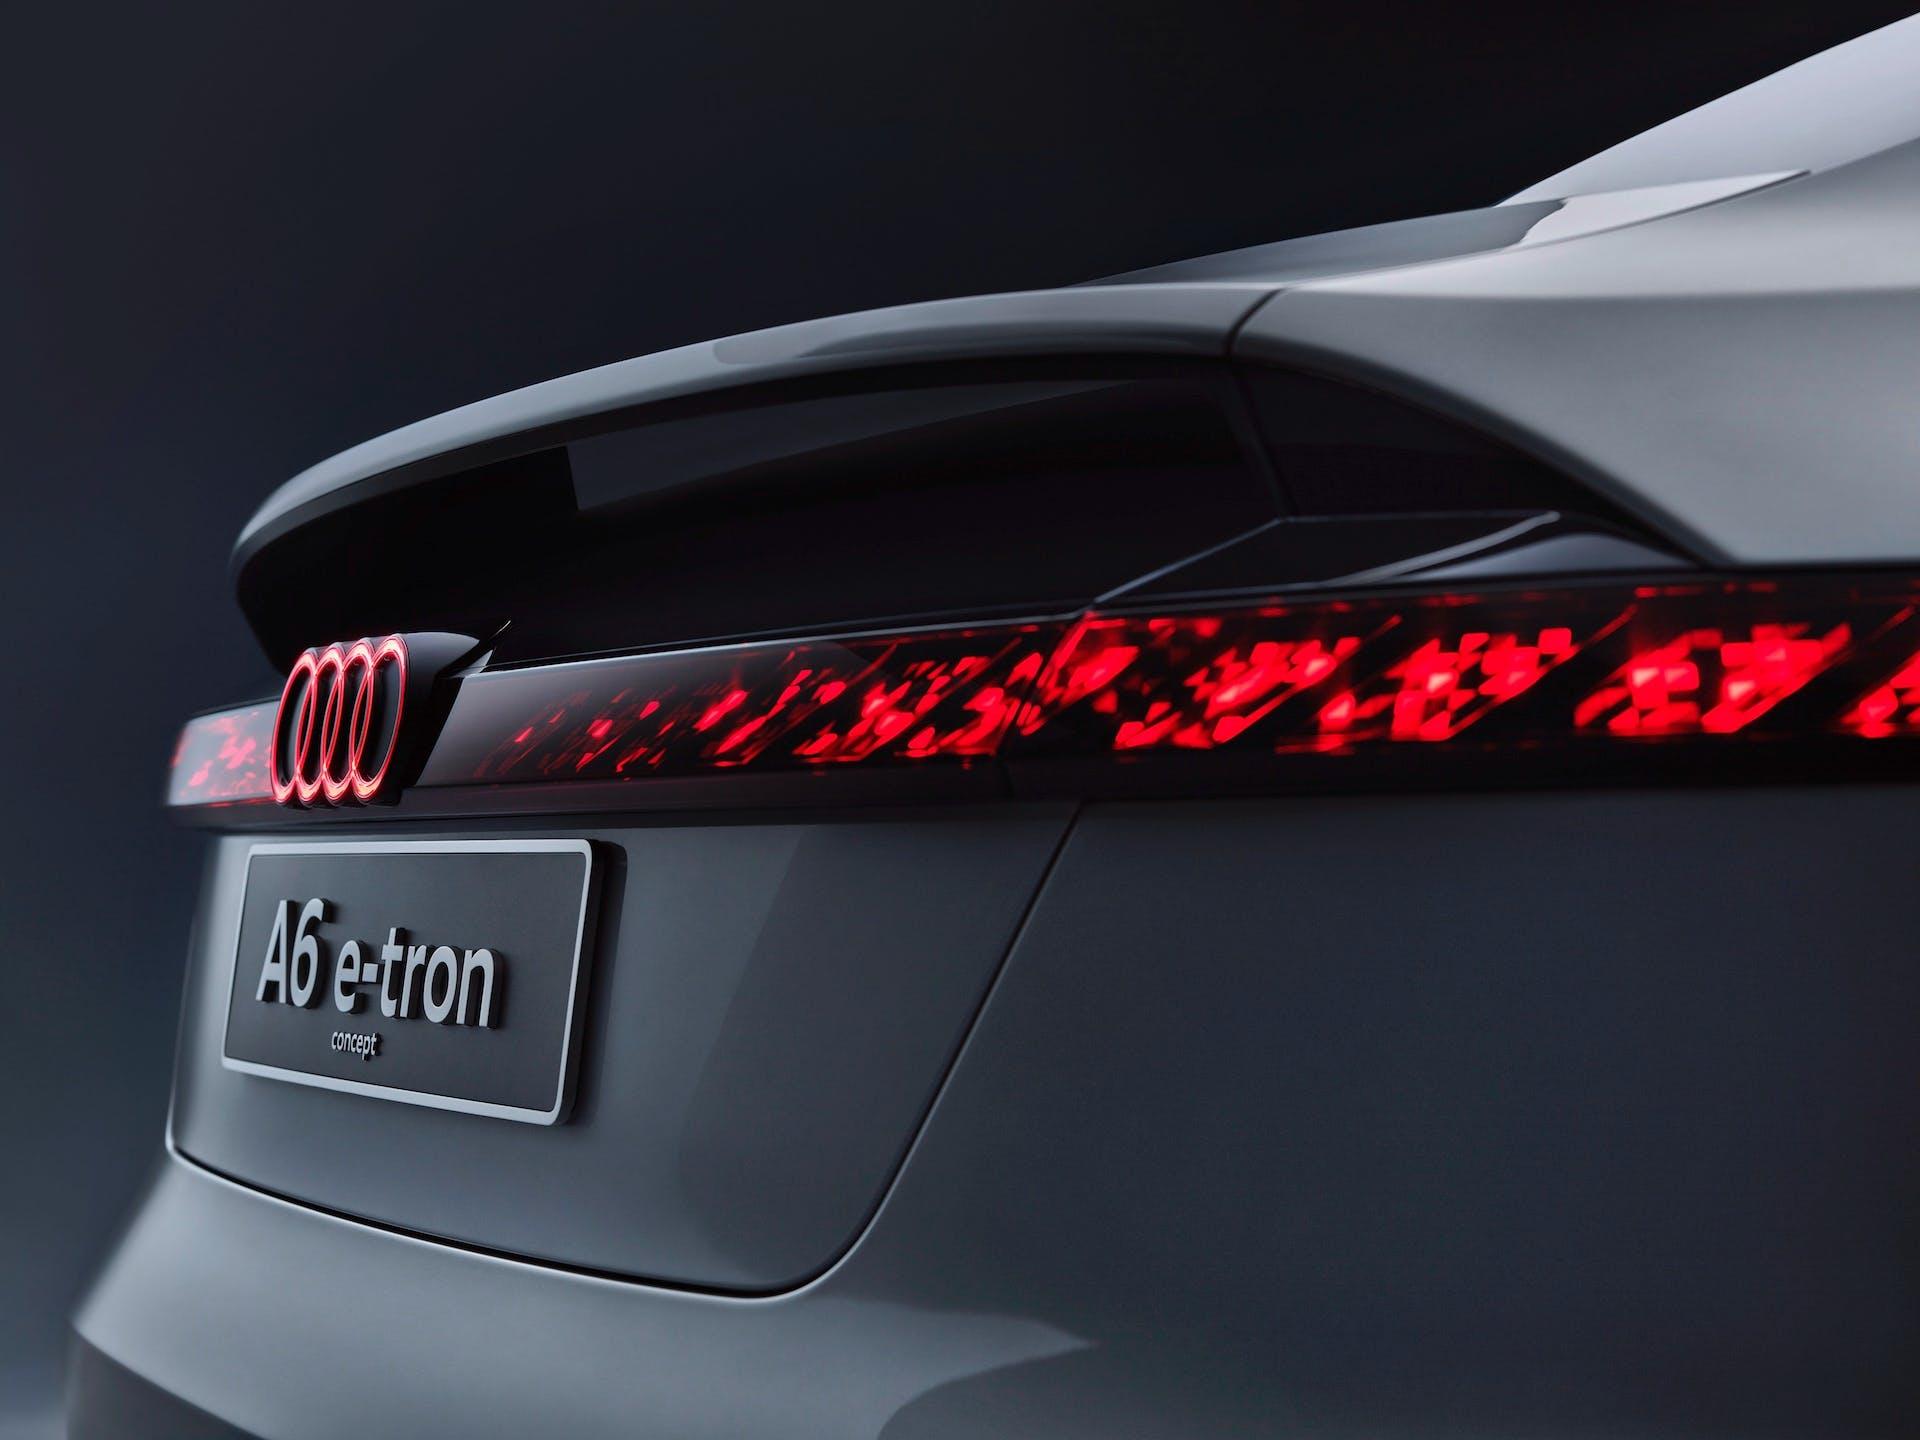 Dettaglio statico dei gruppi ottici del nuovo concept completamente elettrico Audi A6 e-tron.